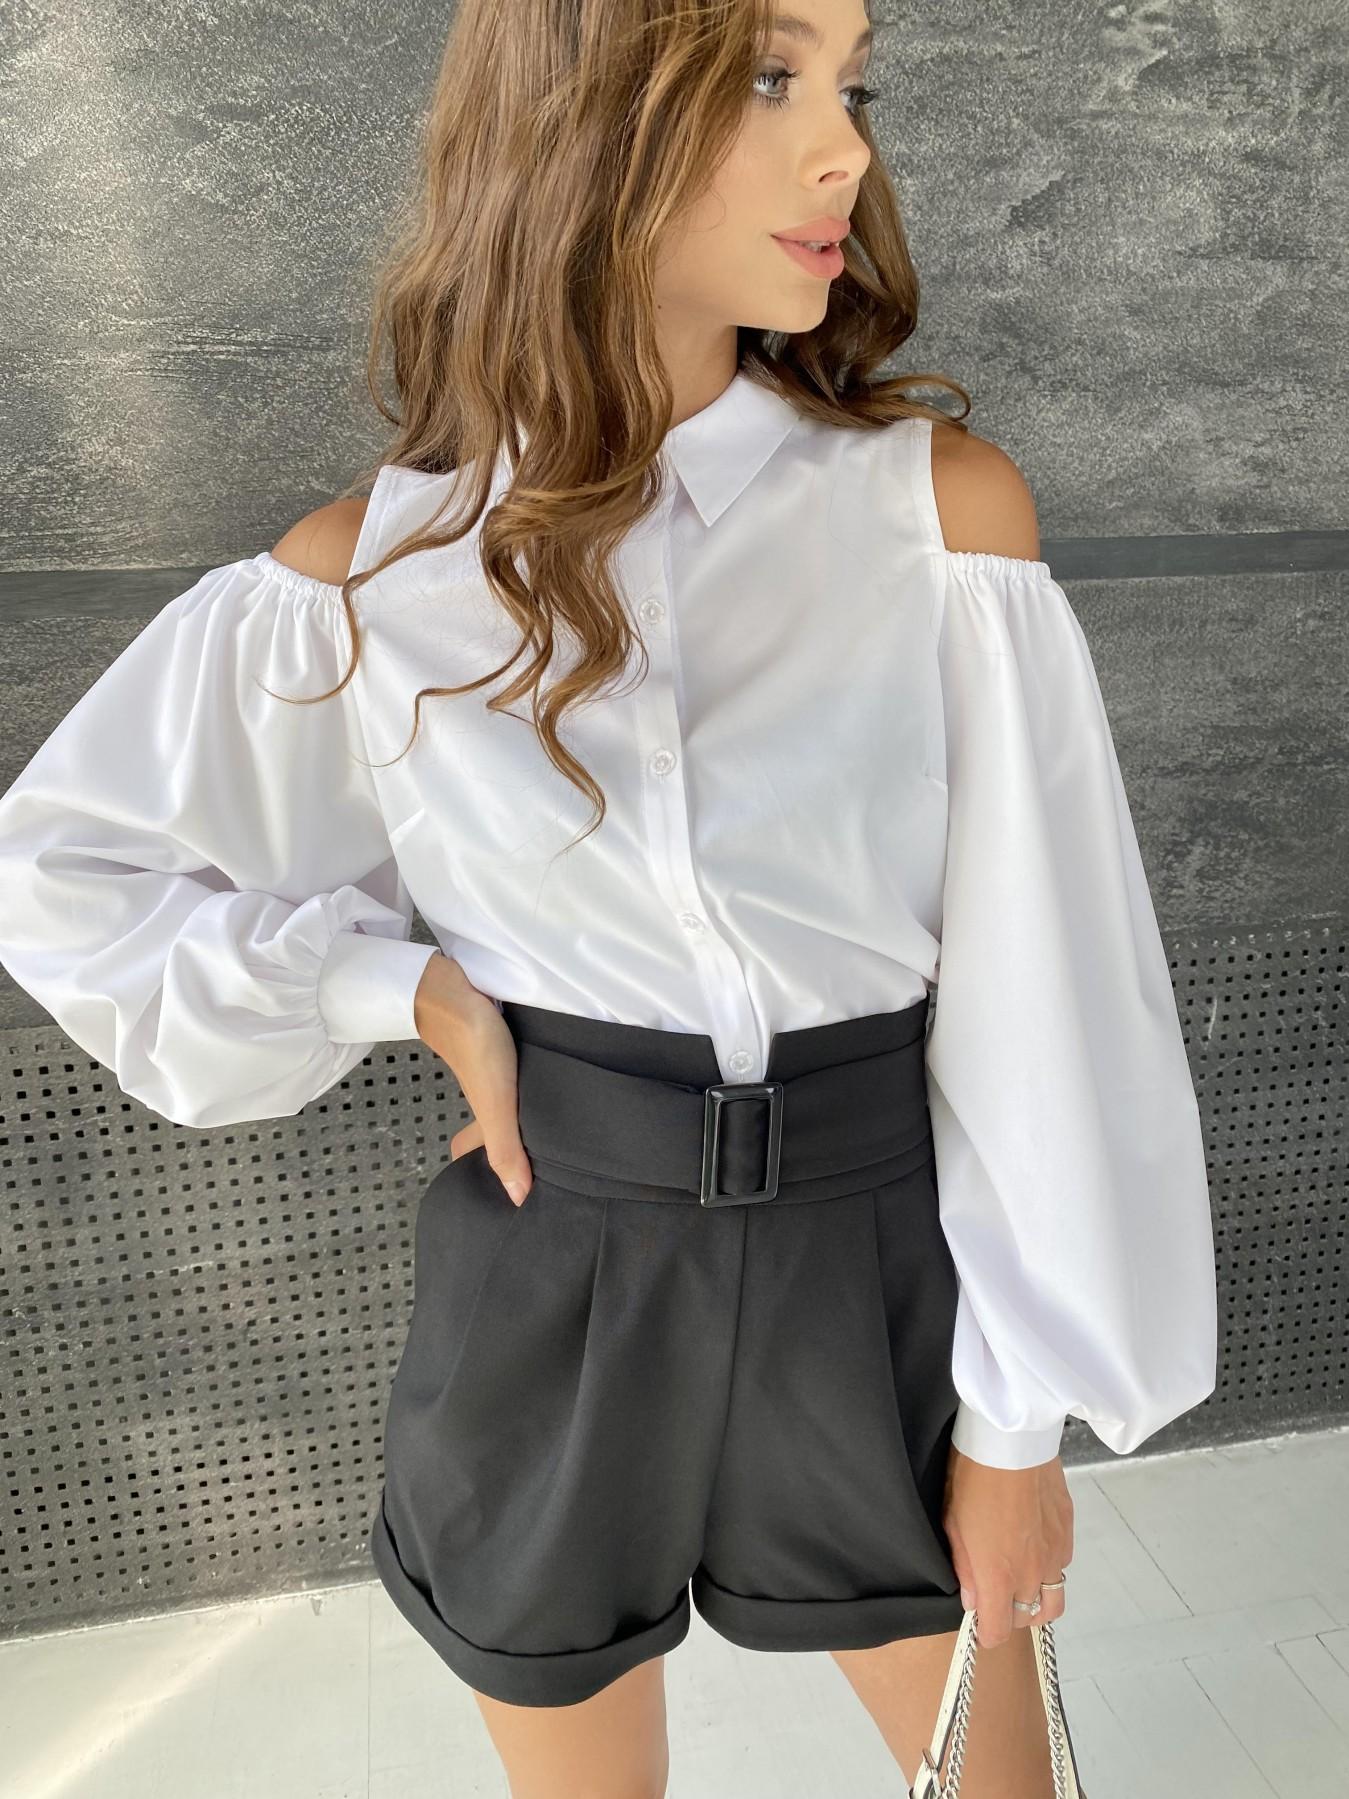 Адель блуза софт однотонный 11662 АРТ. 48373 Цвет: Белый - фото 2, интернет магазин tm-modus.ru